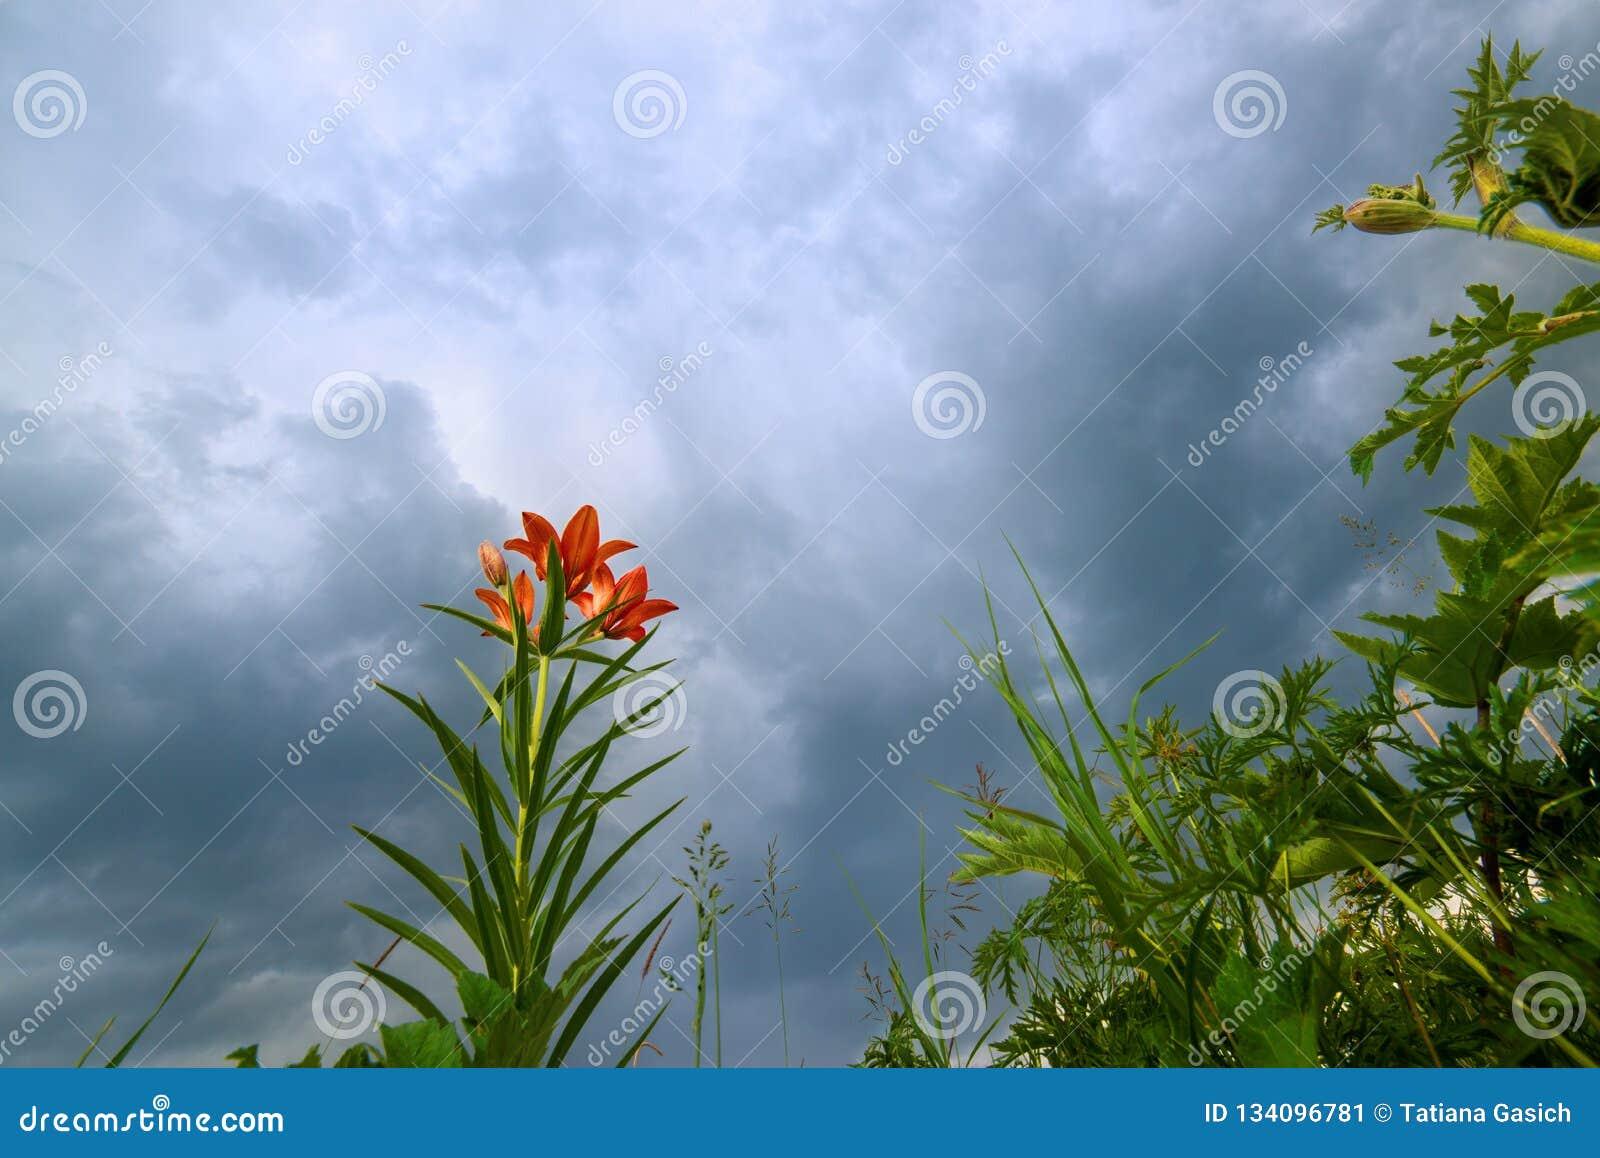 дикие зацветая оранжевые цветки лилии на красивой голубой предпосылке неба грома closeup